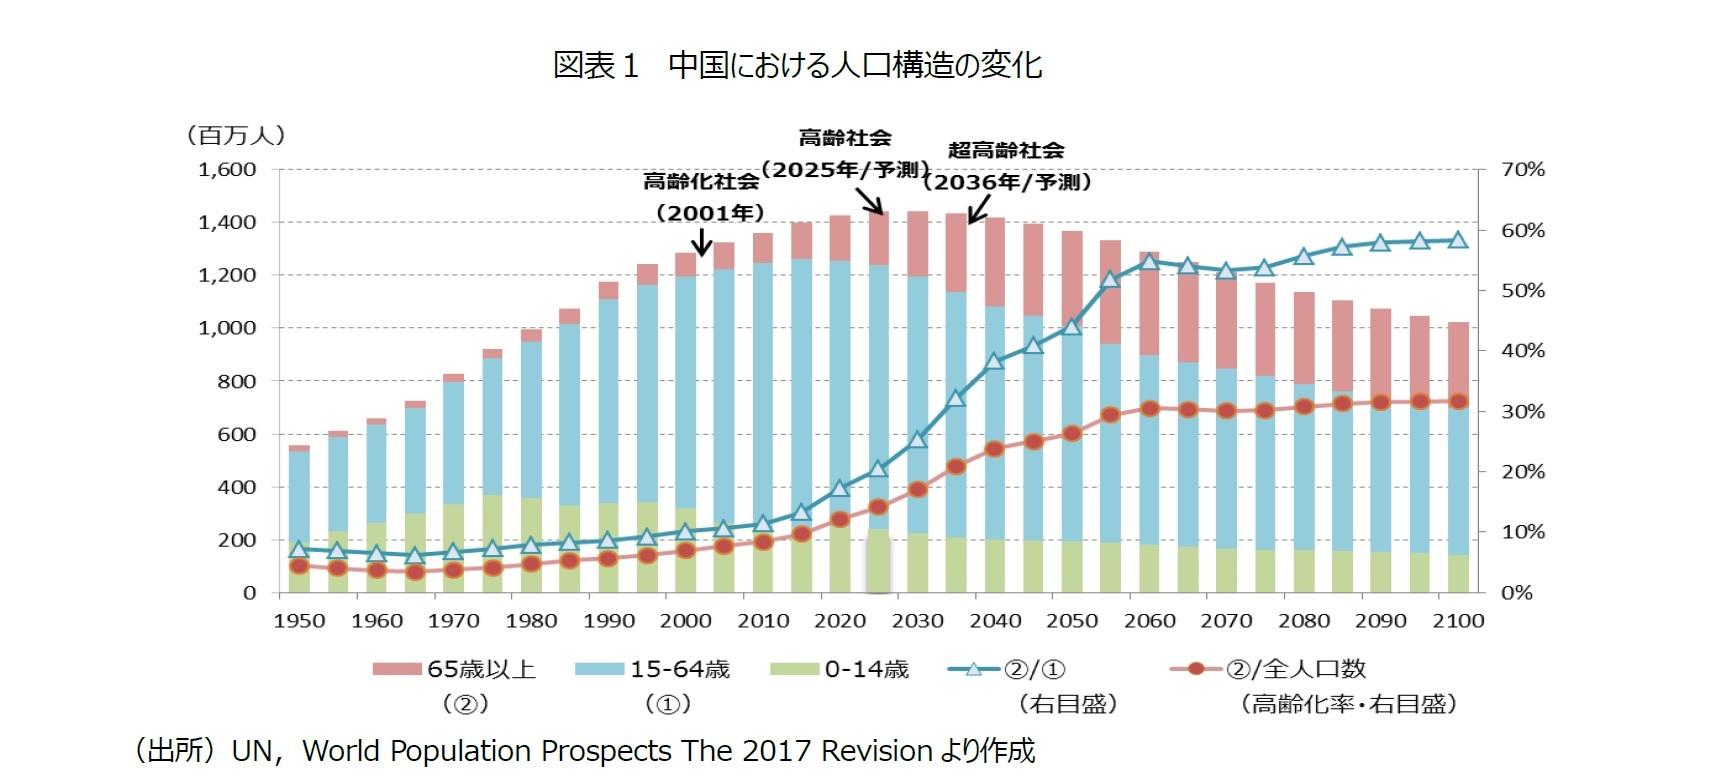 中国 の 人口